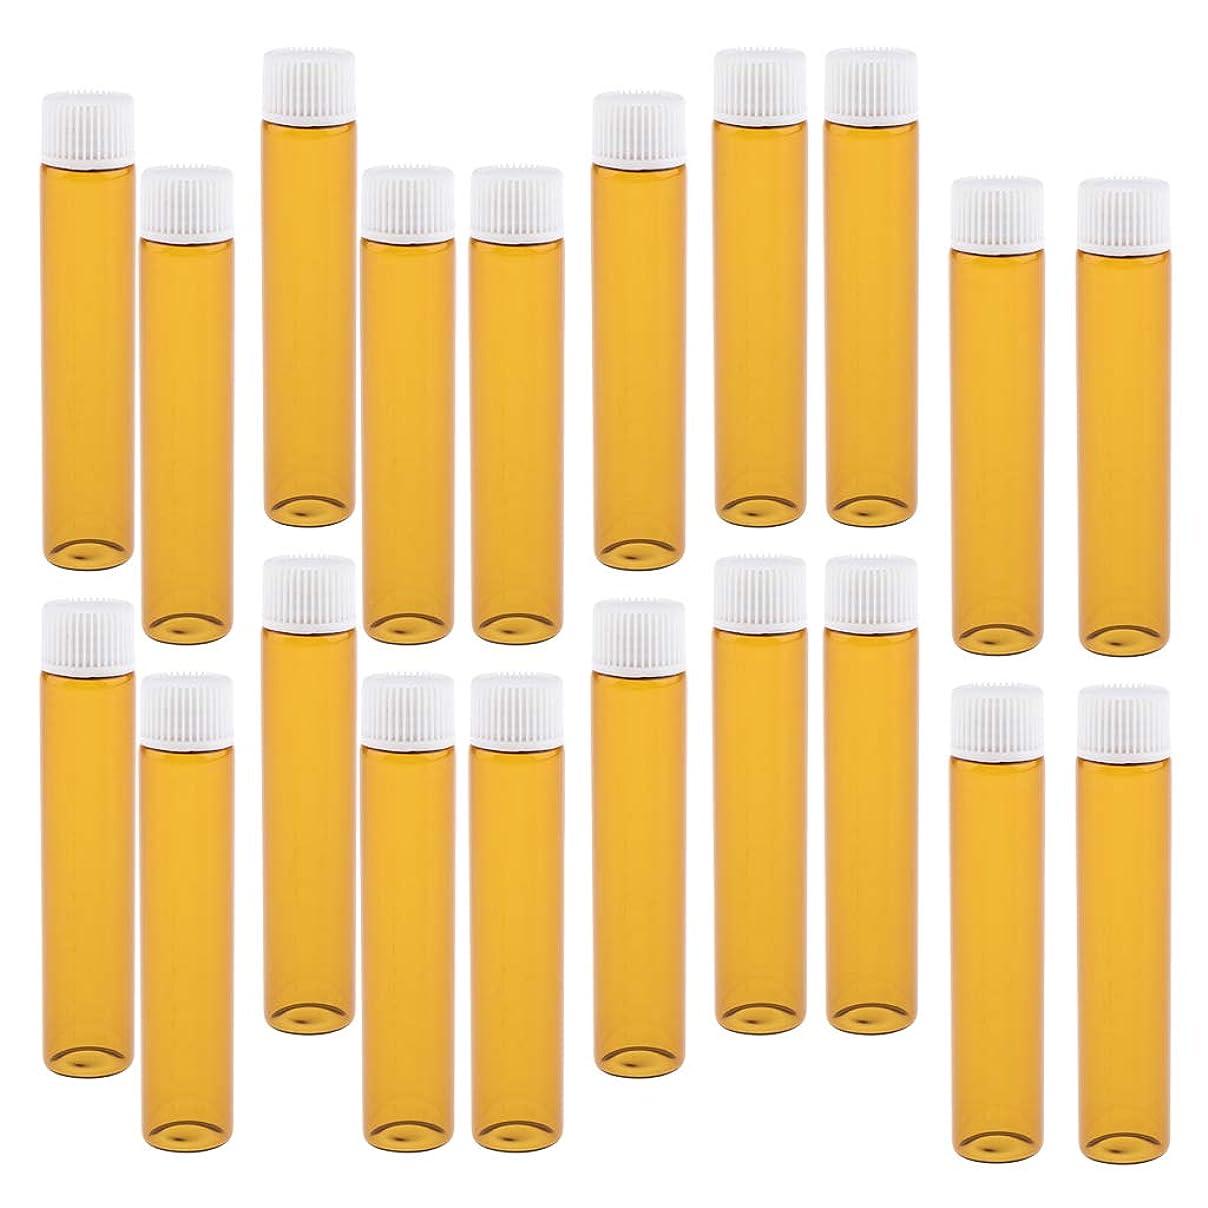 カナダ前平行20個 詰替え容器 香水ボトル ガラスボトル 小分け容器 小分けボトル 全4色 - ホワイト